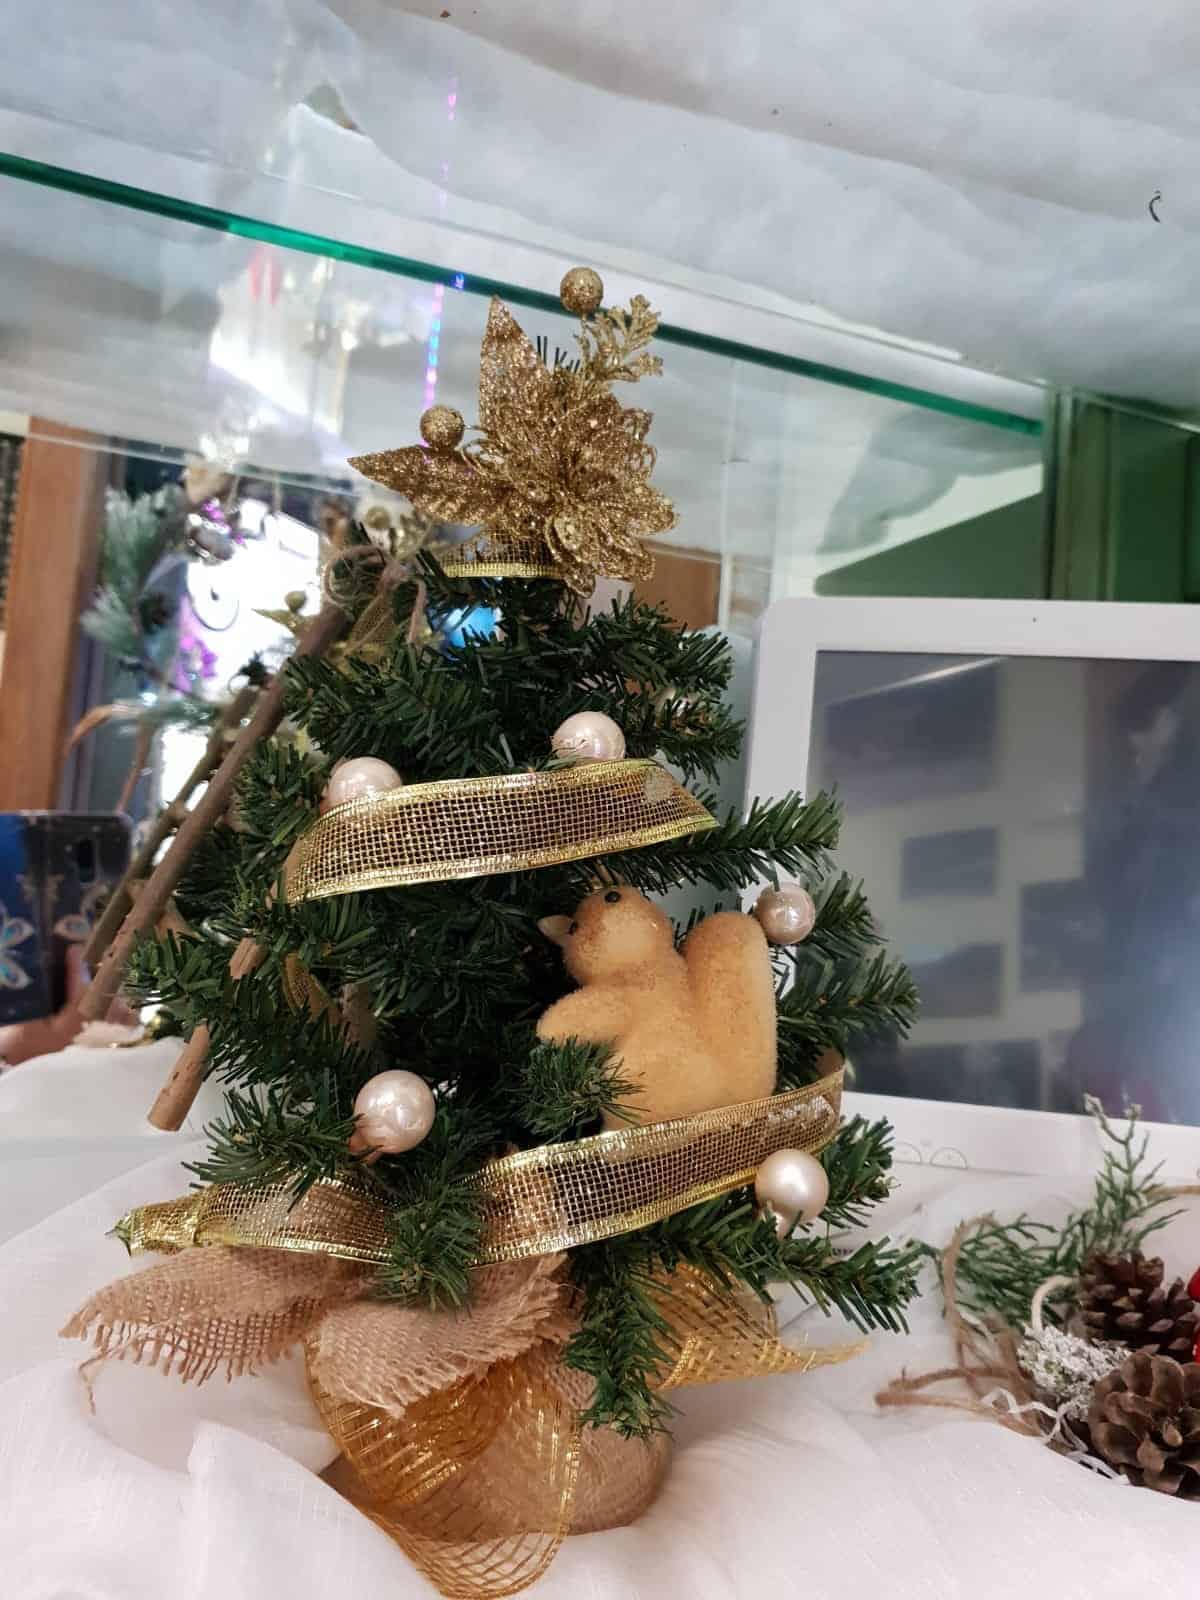 Albero natalizio con nastri dorati e addobbi